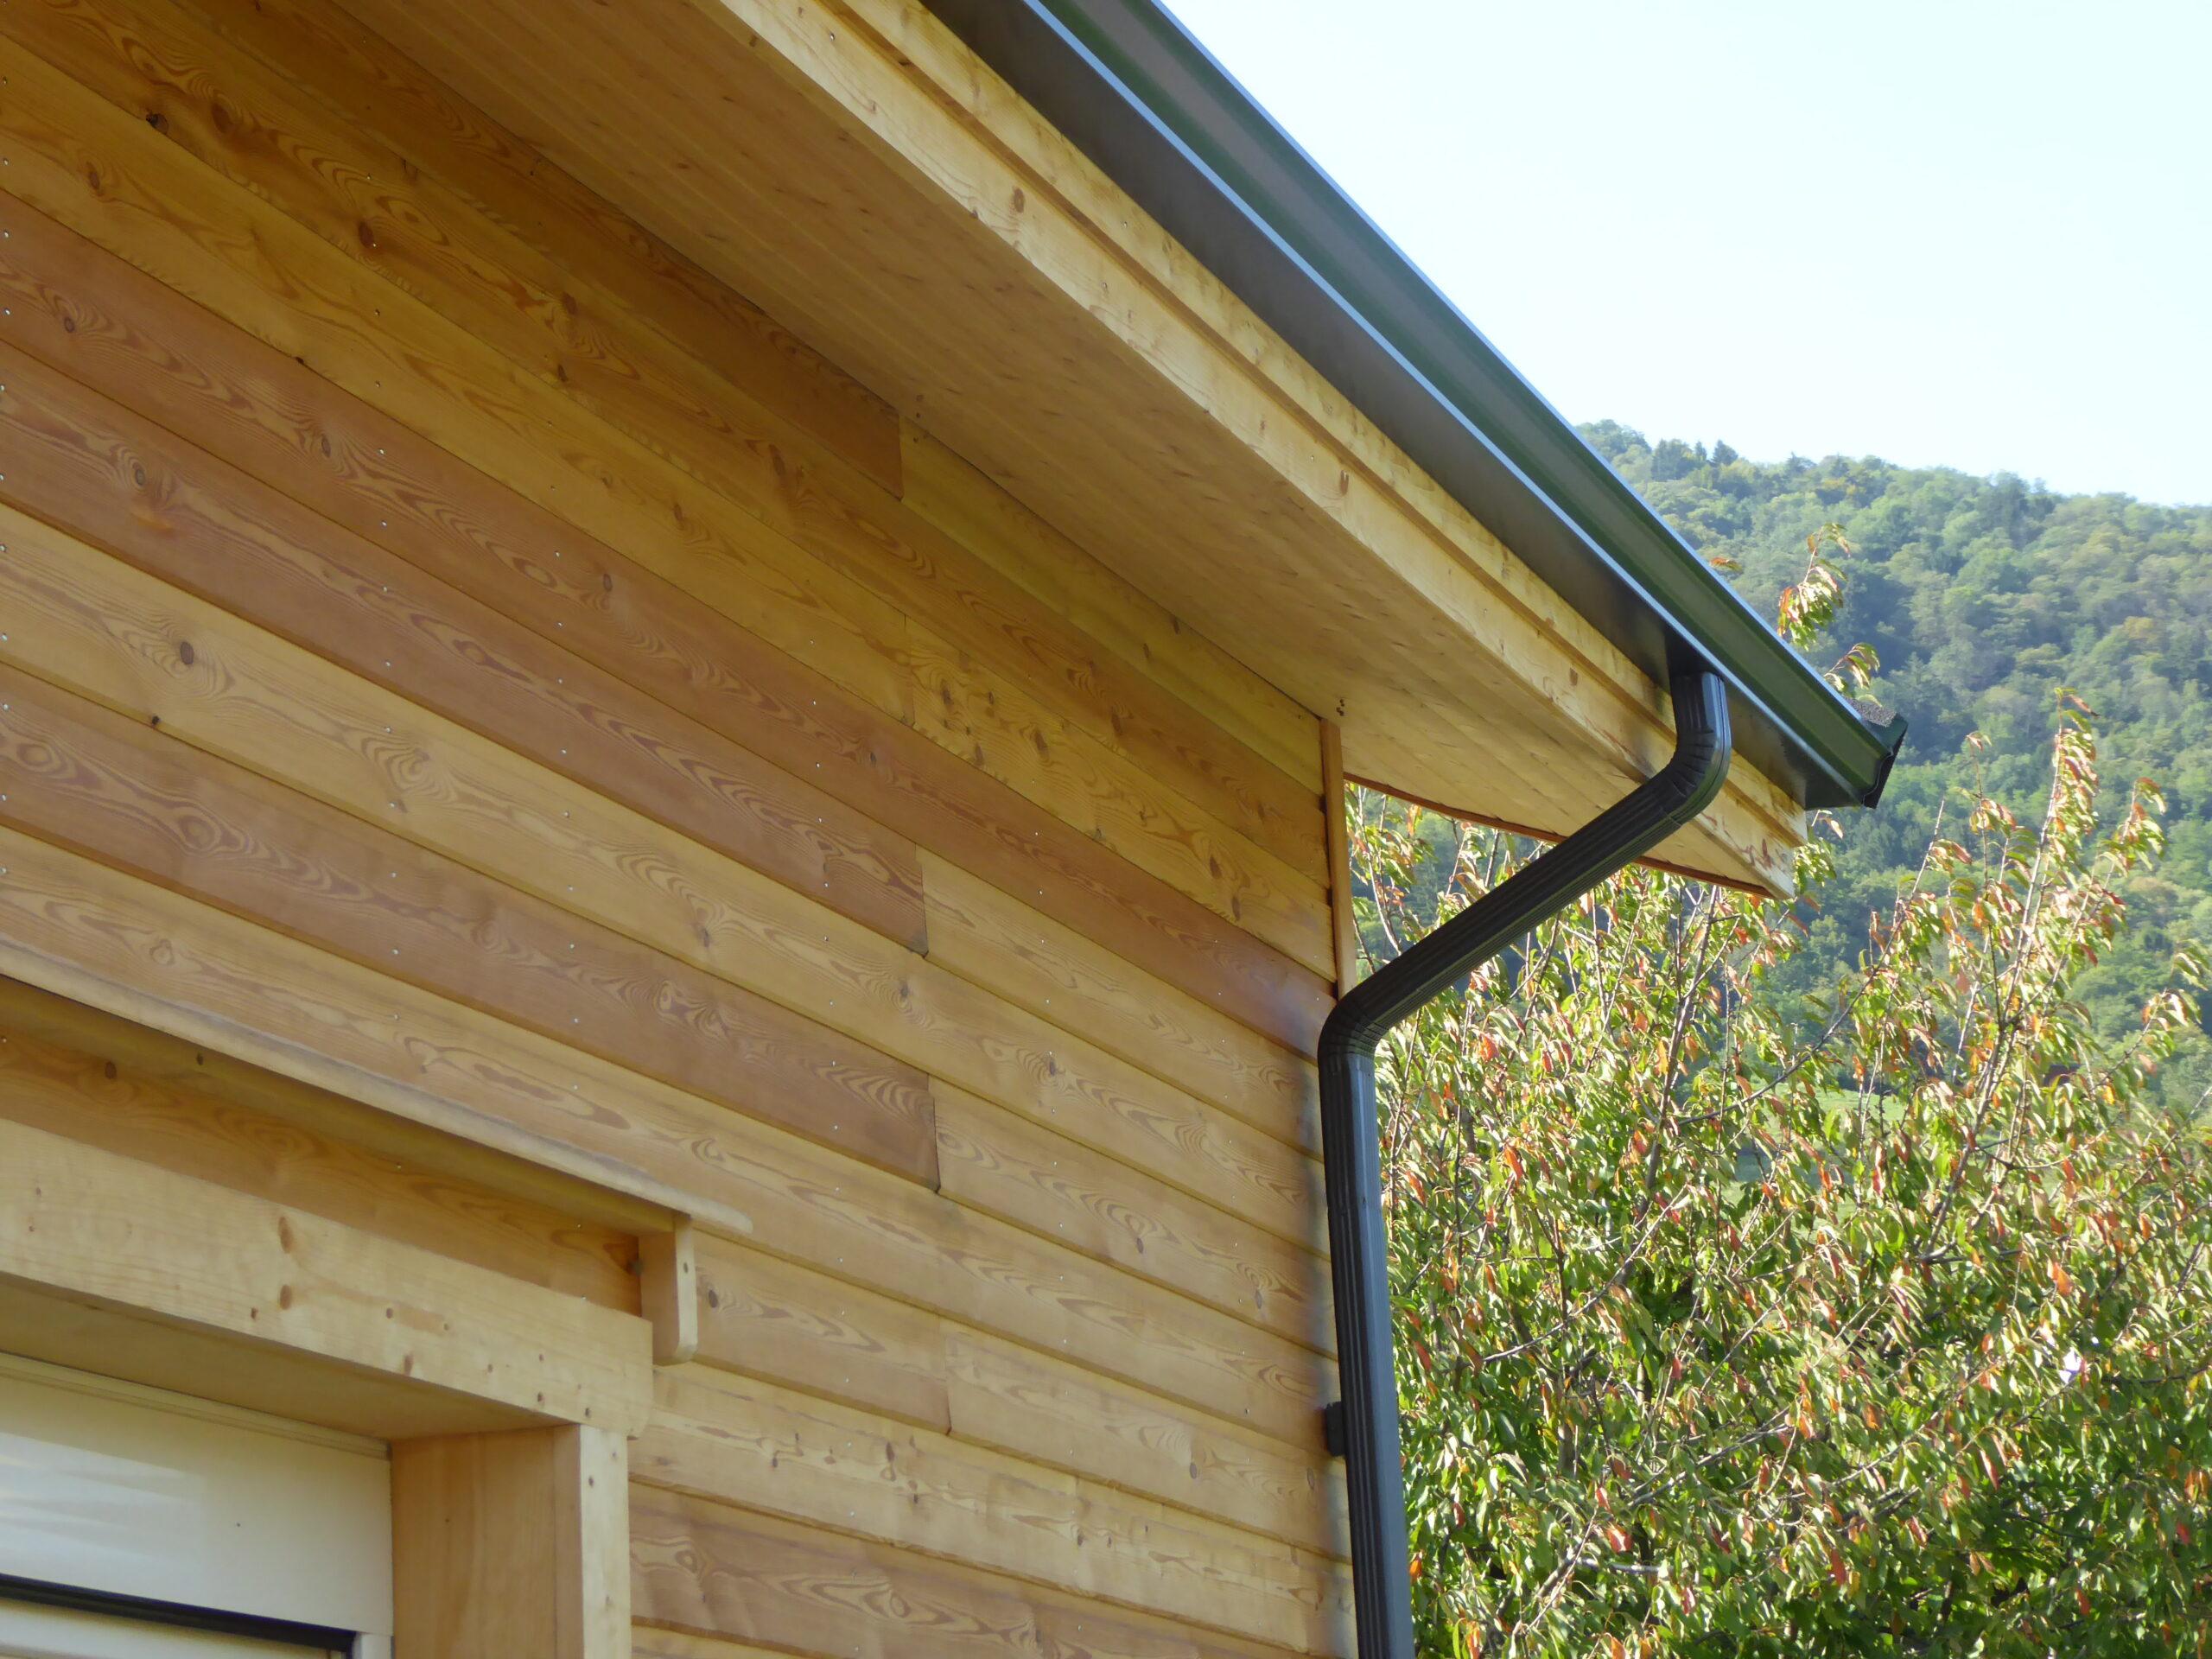 Instalación de canalones sobre una casa de madera.